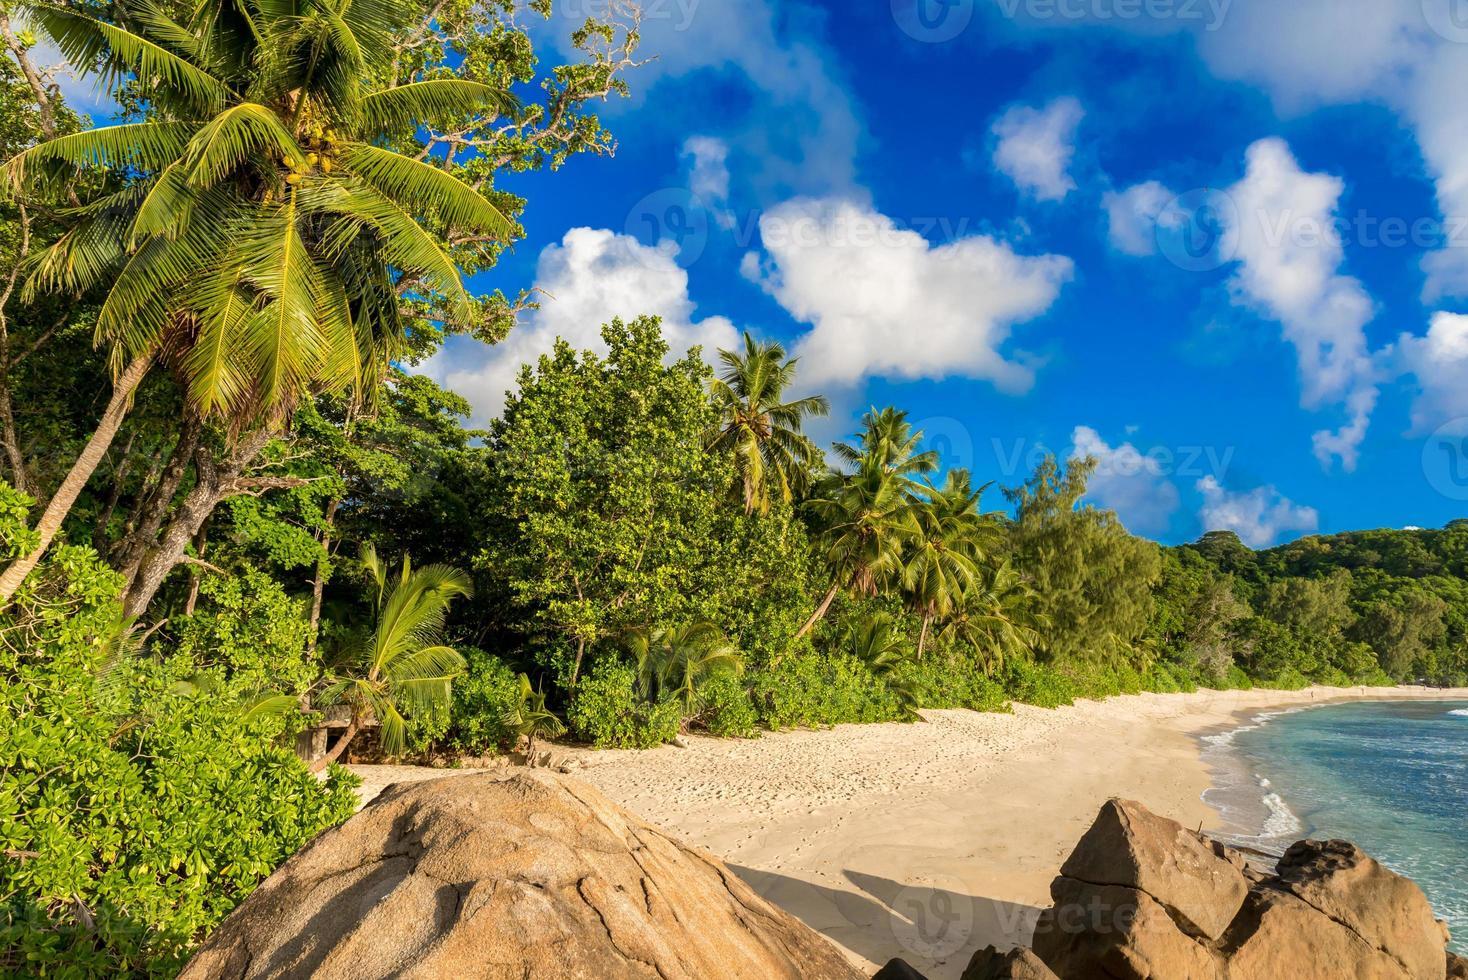 anse takamaka - strand op het eiland Mahé in de Seychellen foto